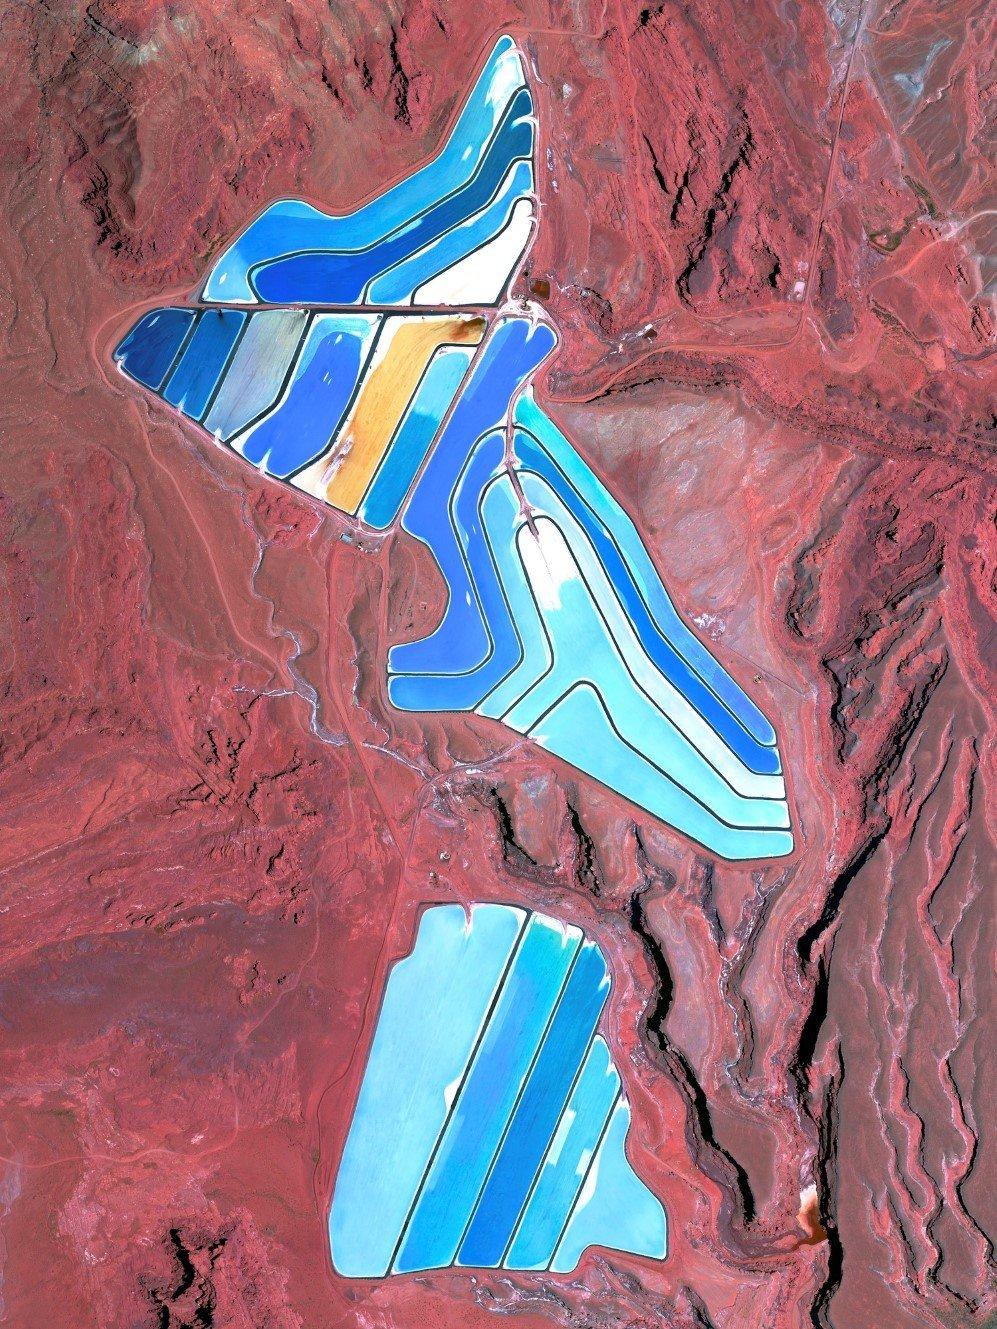 Evaporation ponds of Intrepid Potash mine